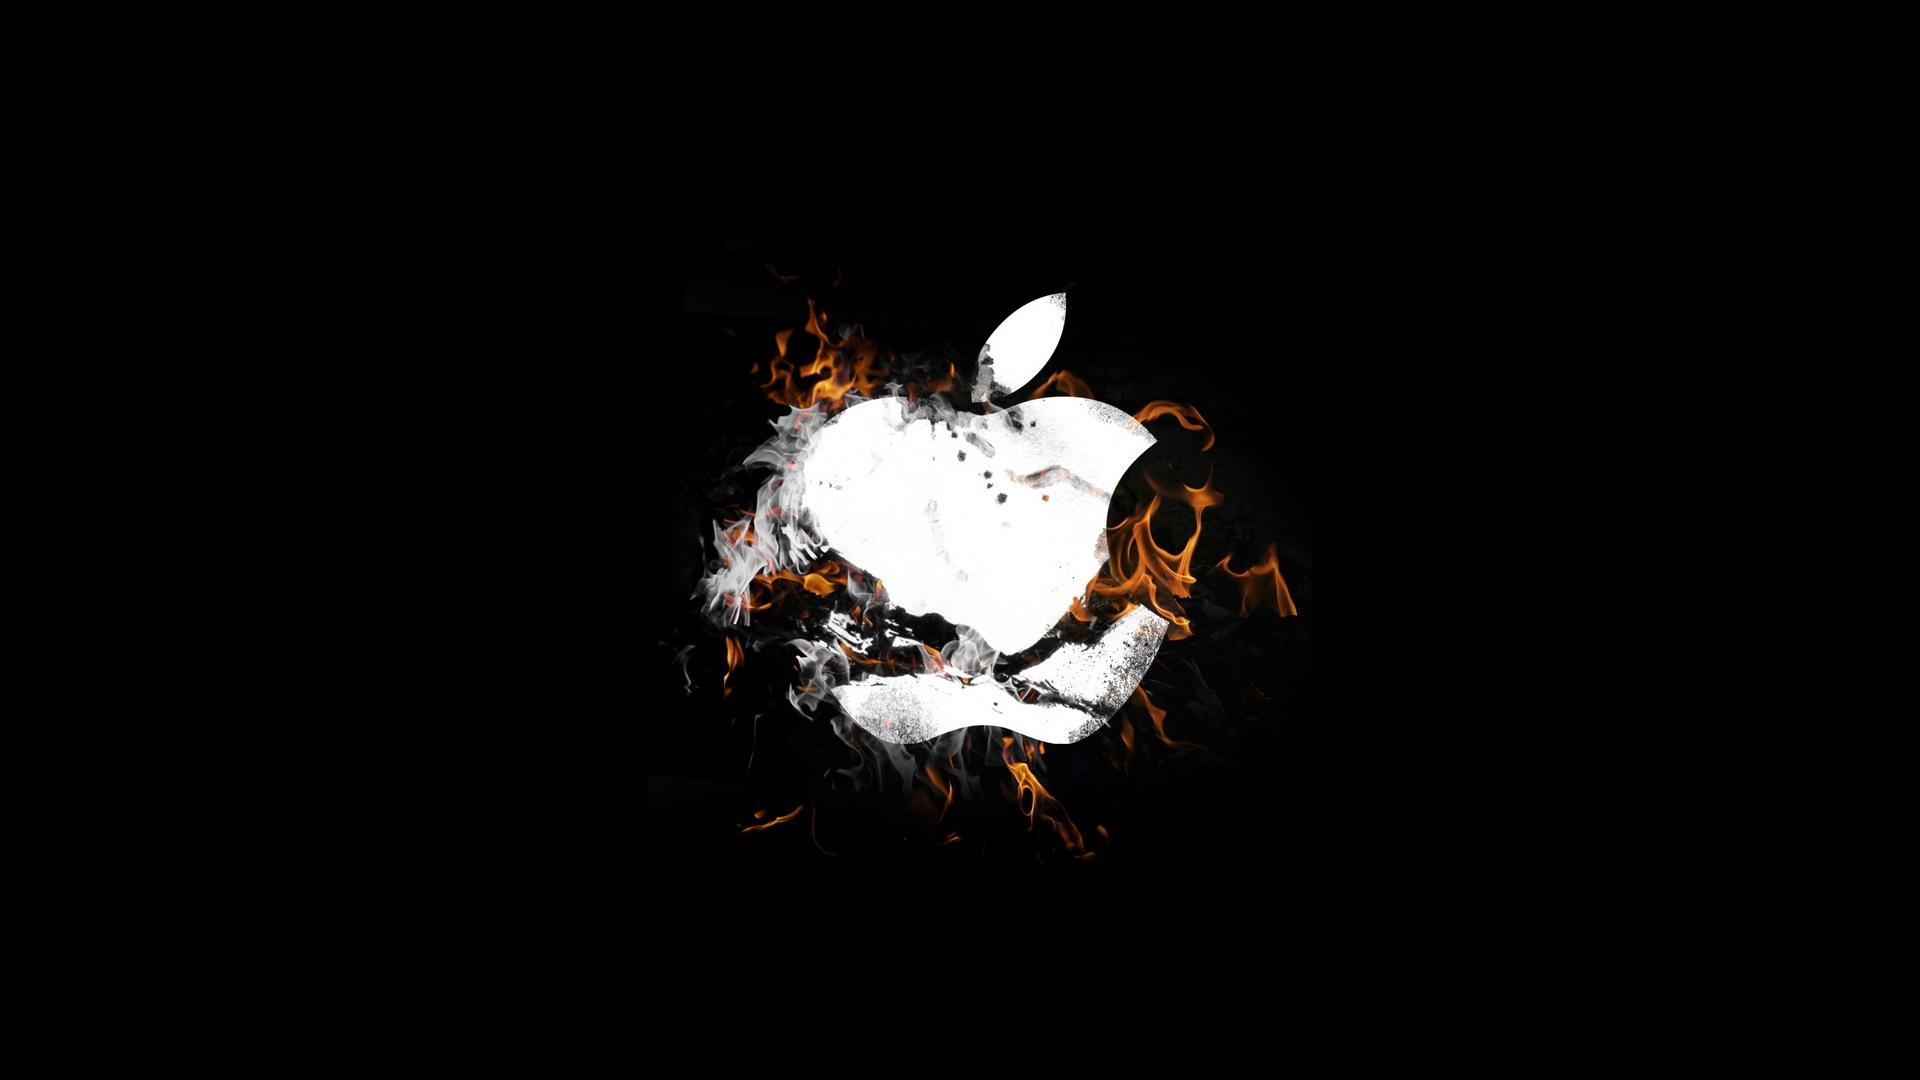 Hd apple wallpaper for macbook air